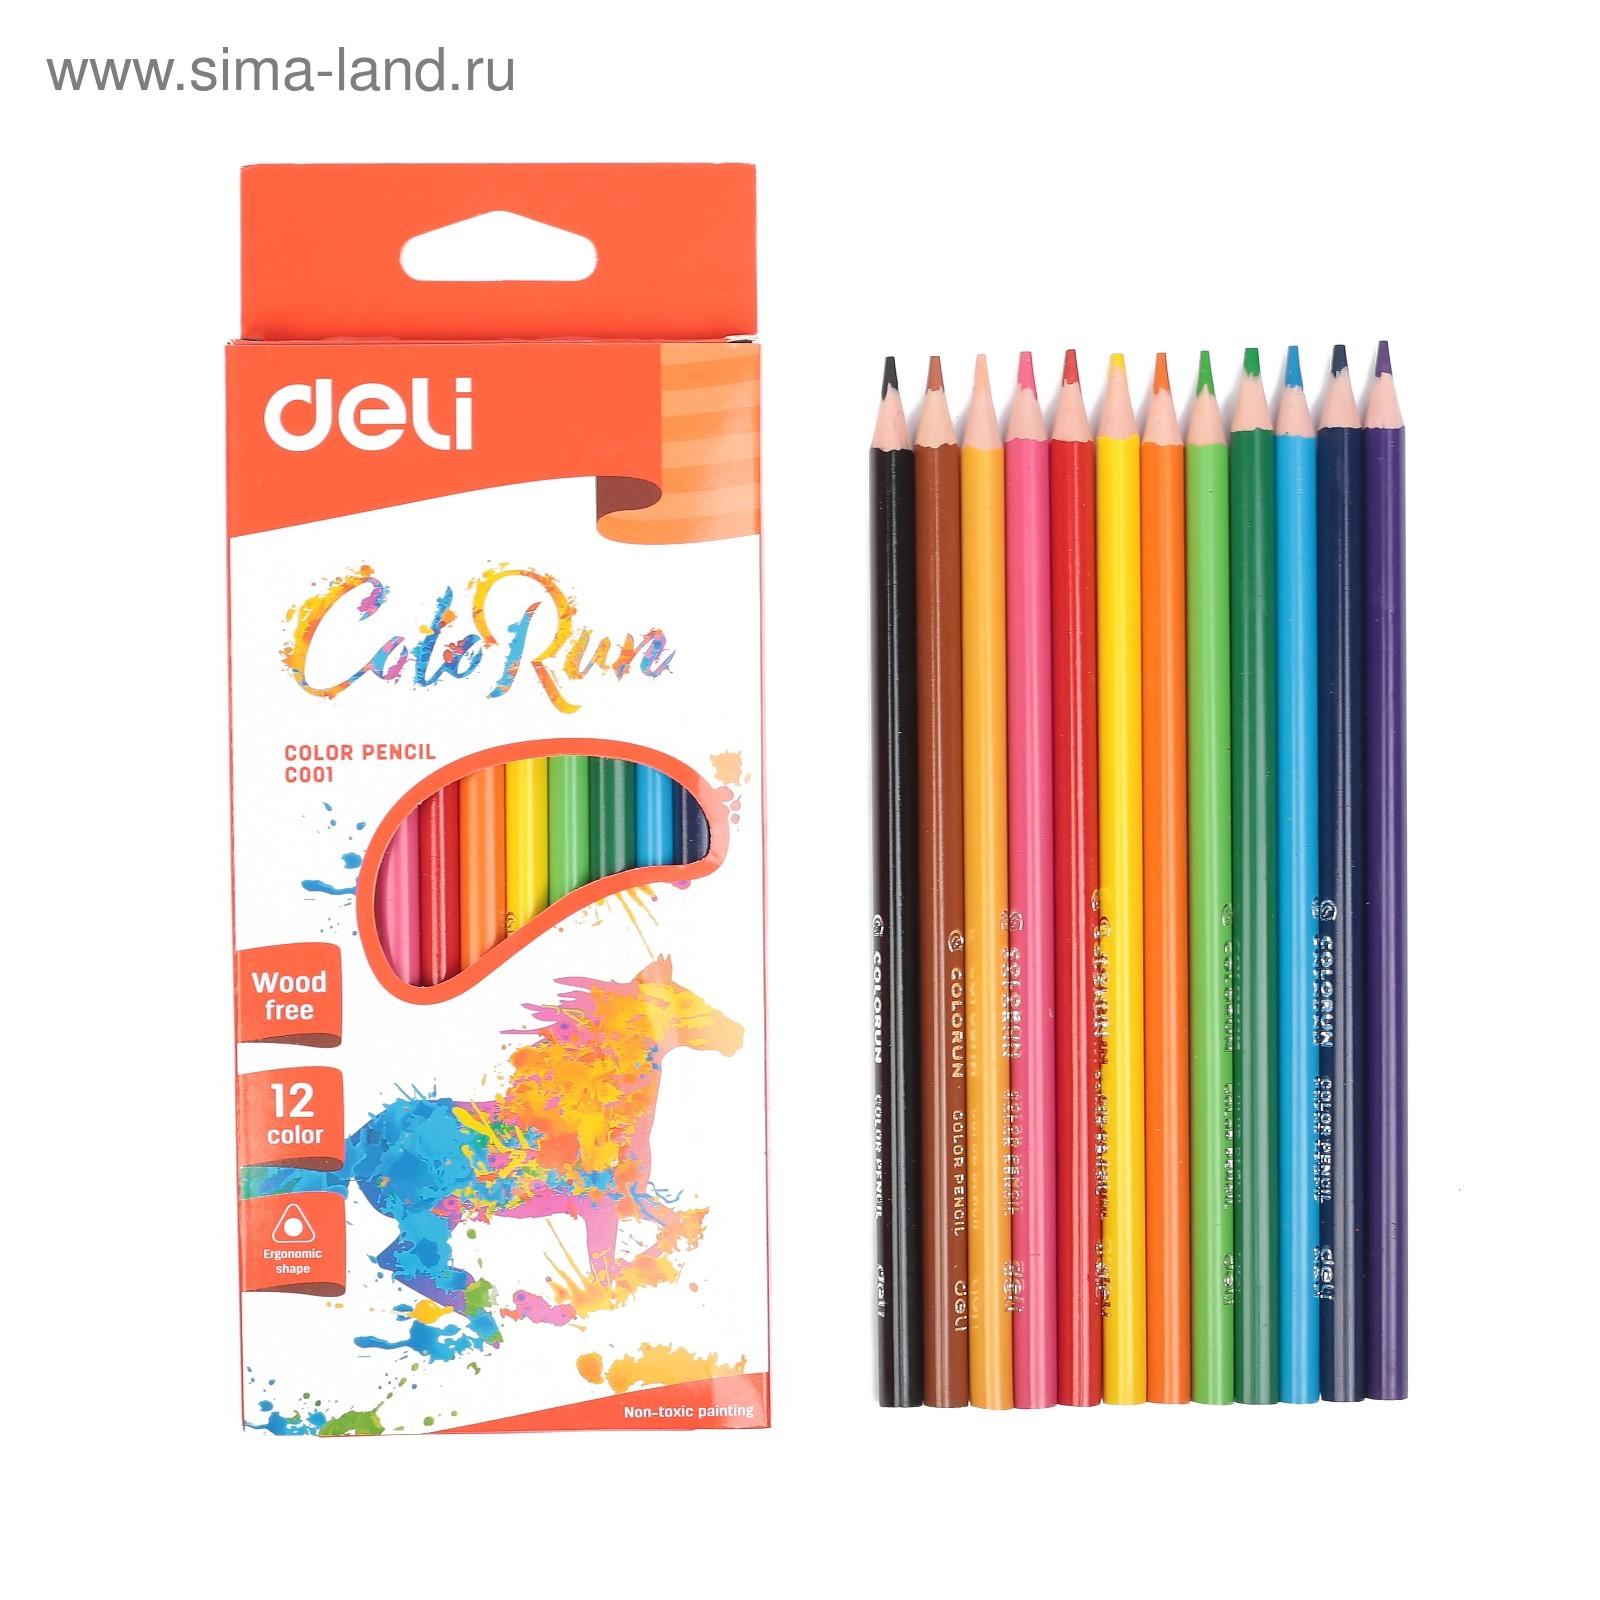 Карандаши цветные 12 цв пластик Deli трехгранные